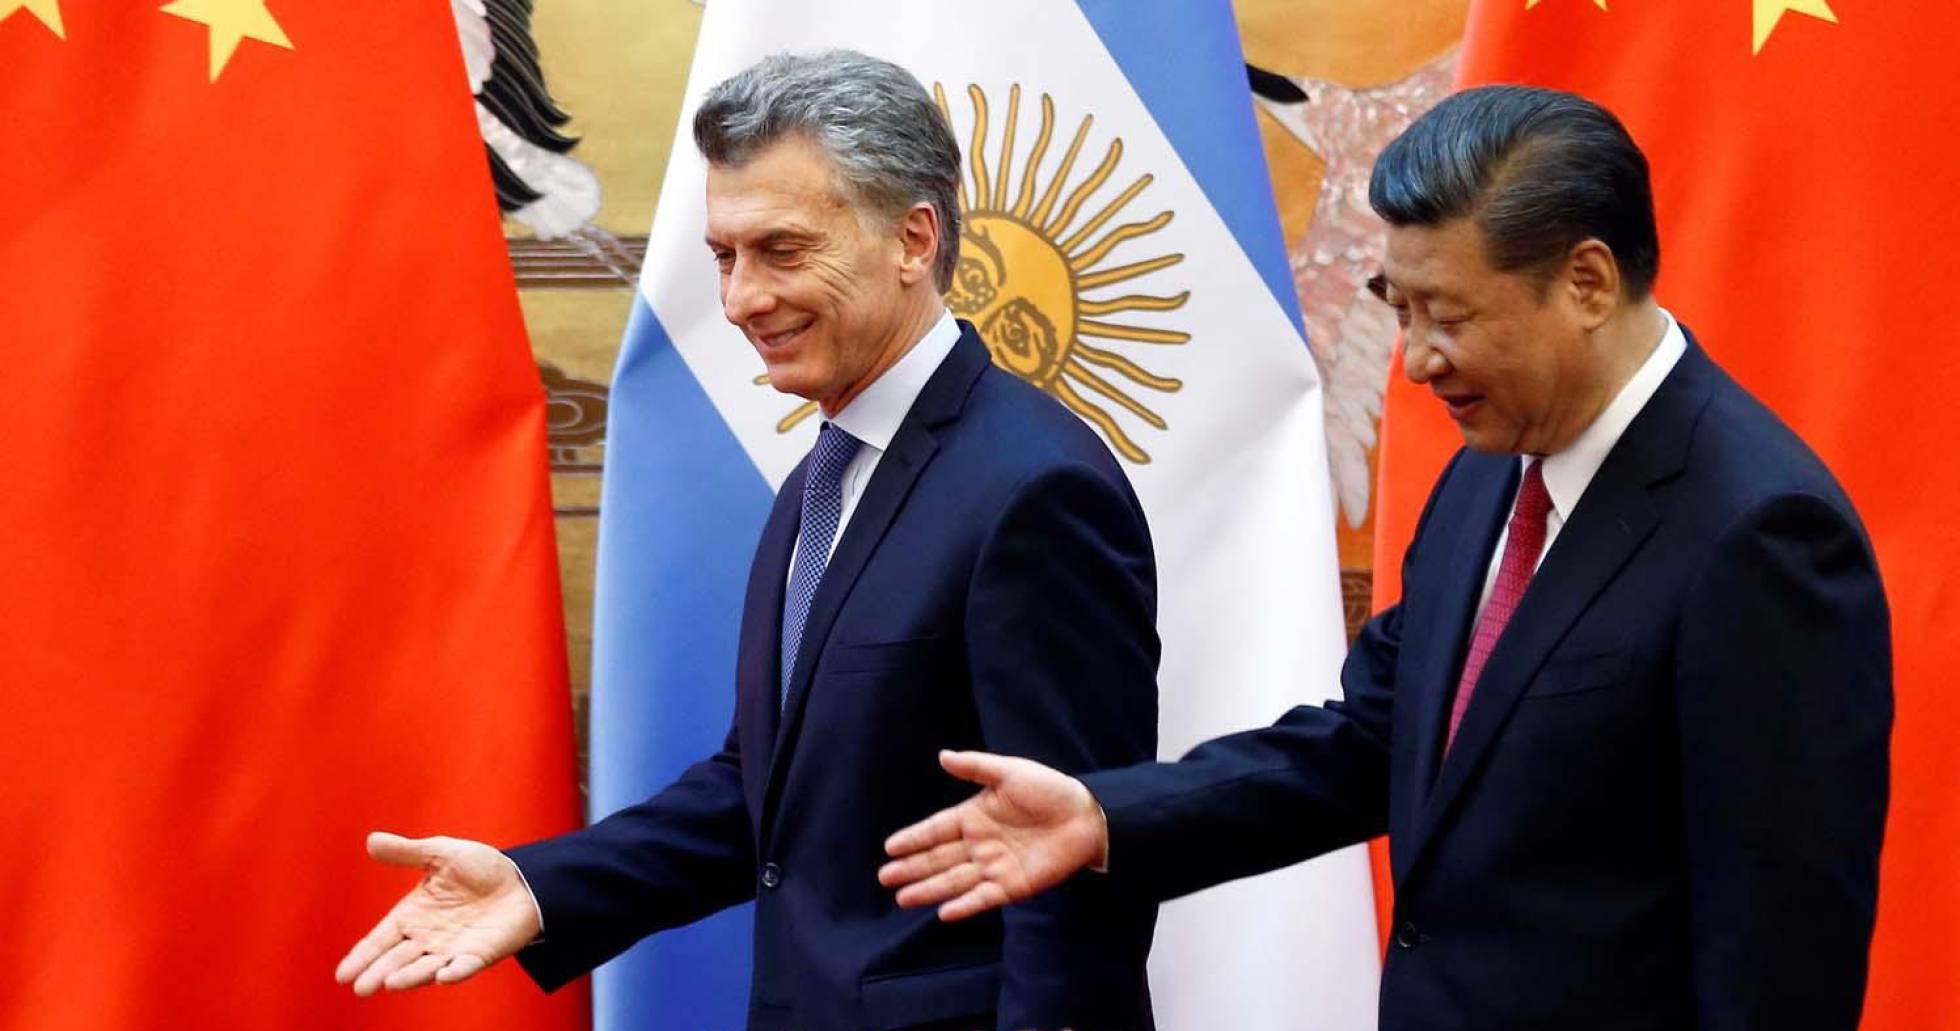 La influencia de China crece en Latinoamérica ante la falta de una estrategia de Estados Unidos